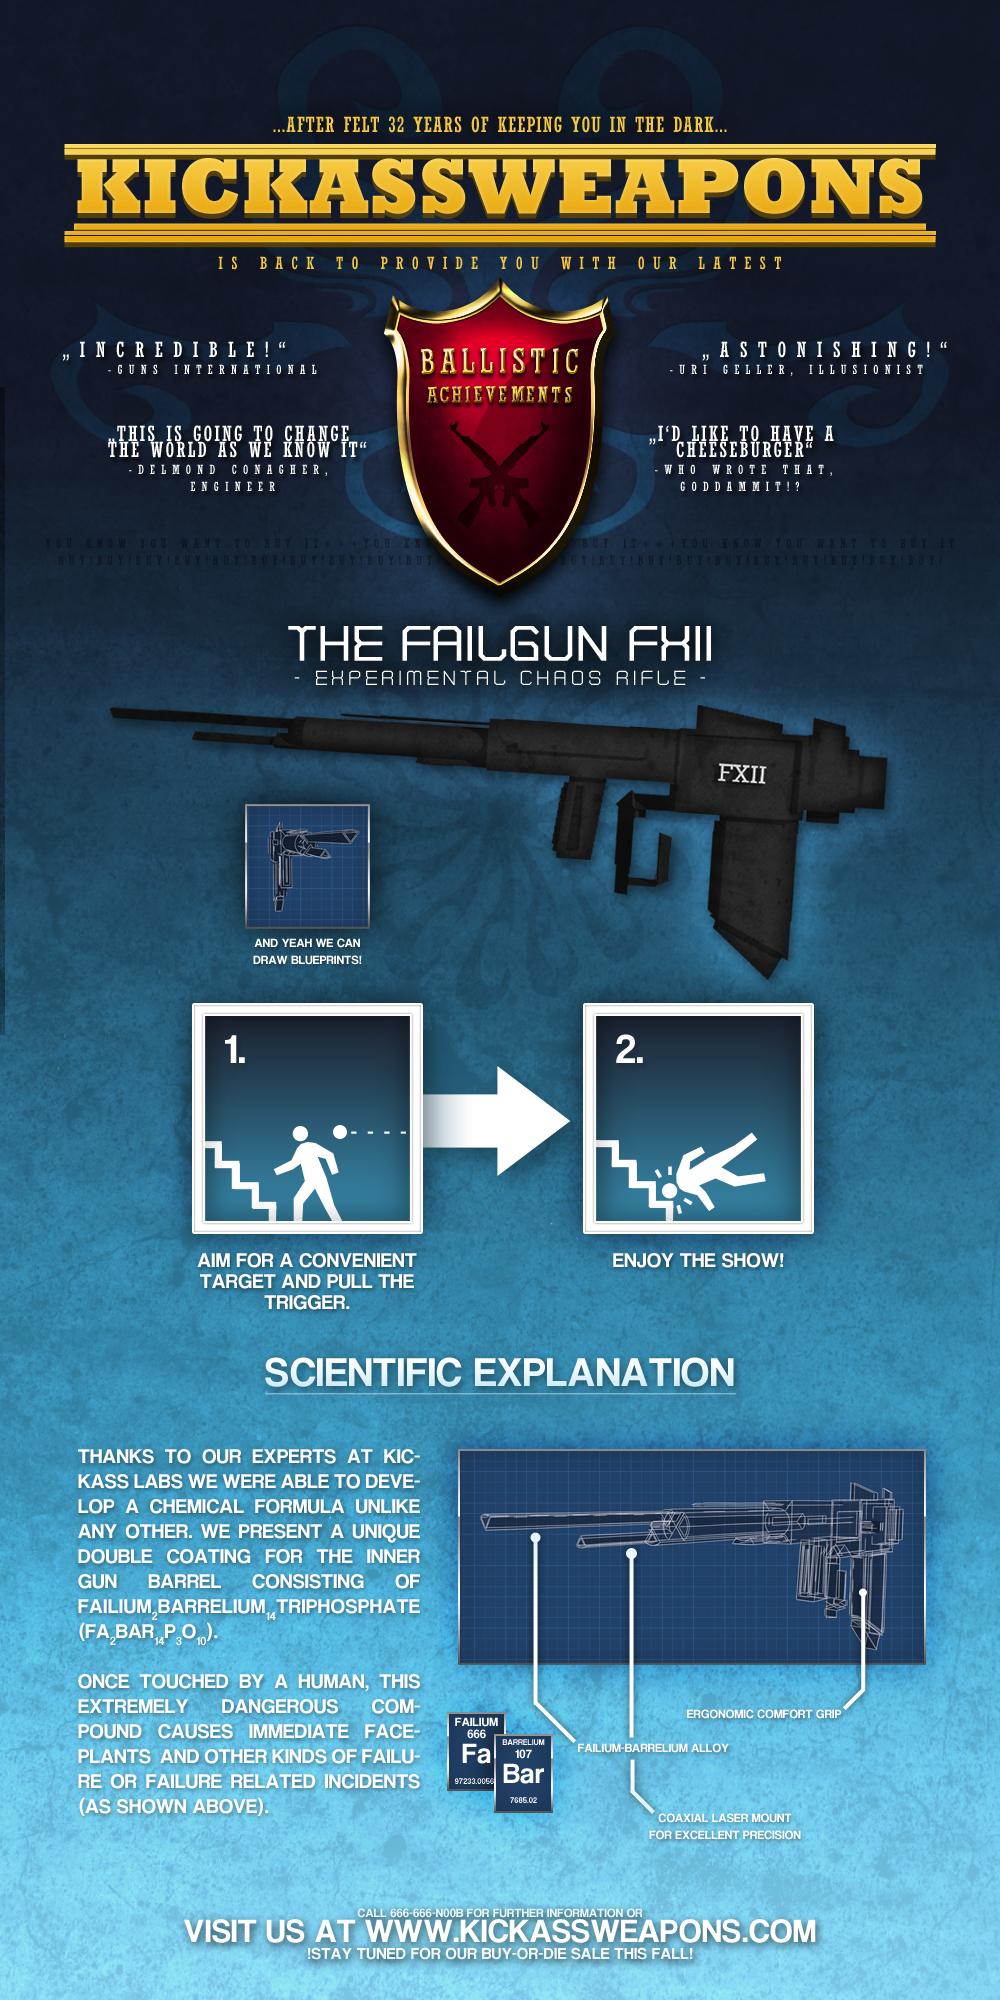 Kickassweapons: Failgun